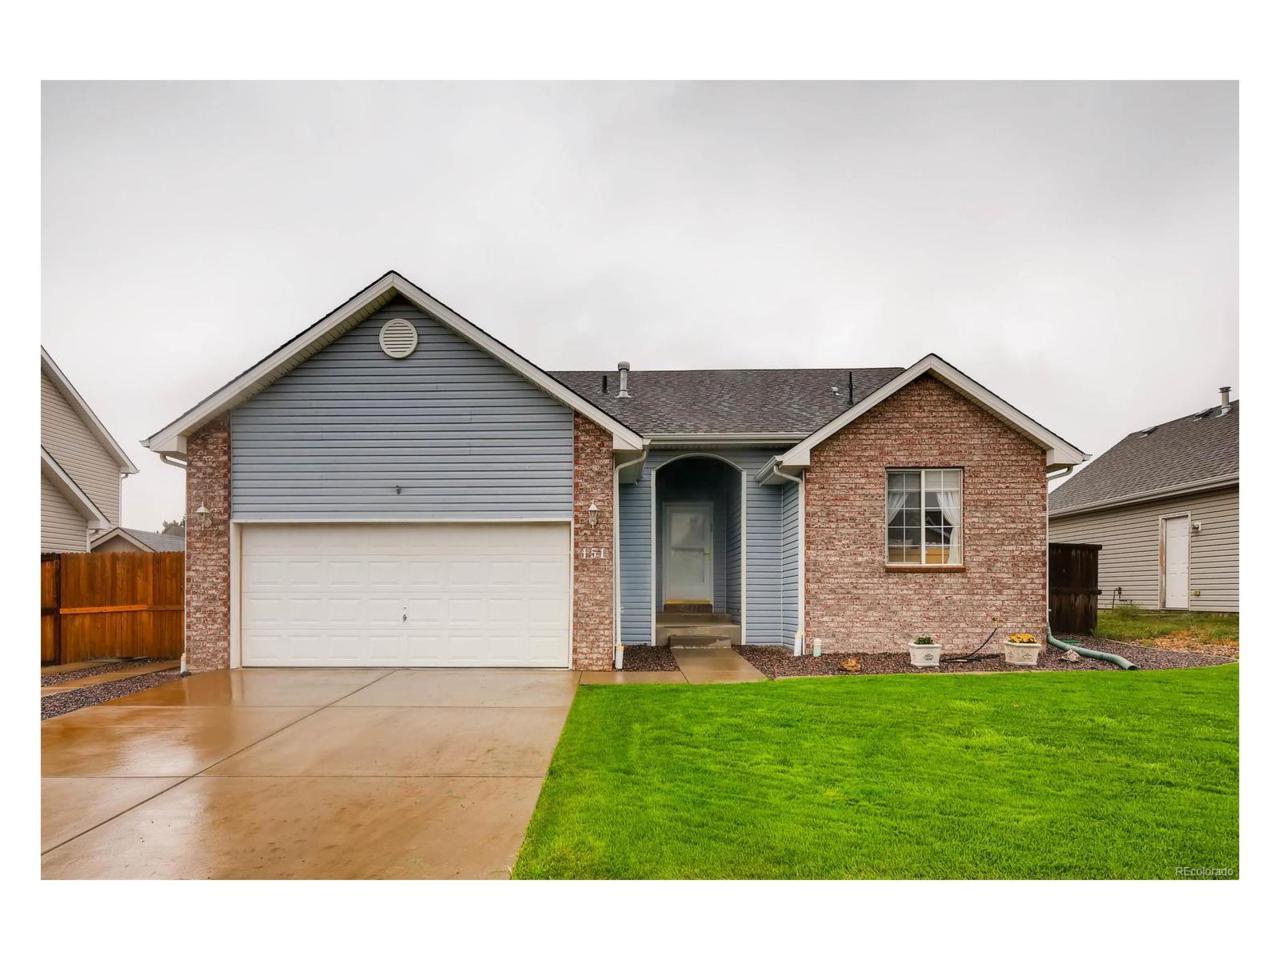 151 Forest Street, Firestone, CO 80520 (MLS #7335215) :: 8z Real Estate